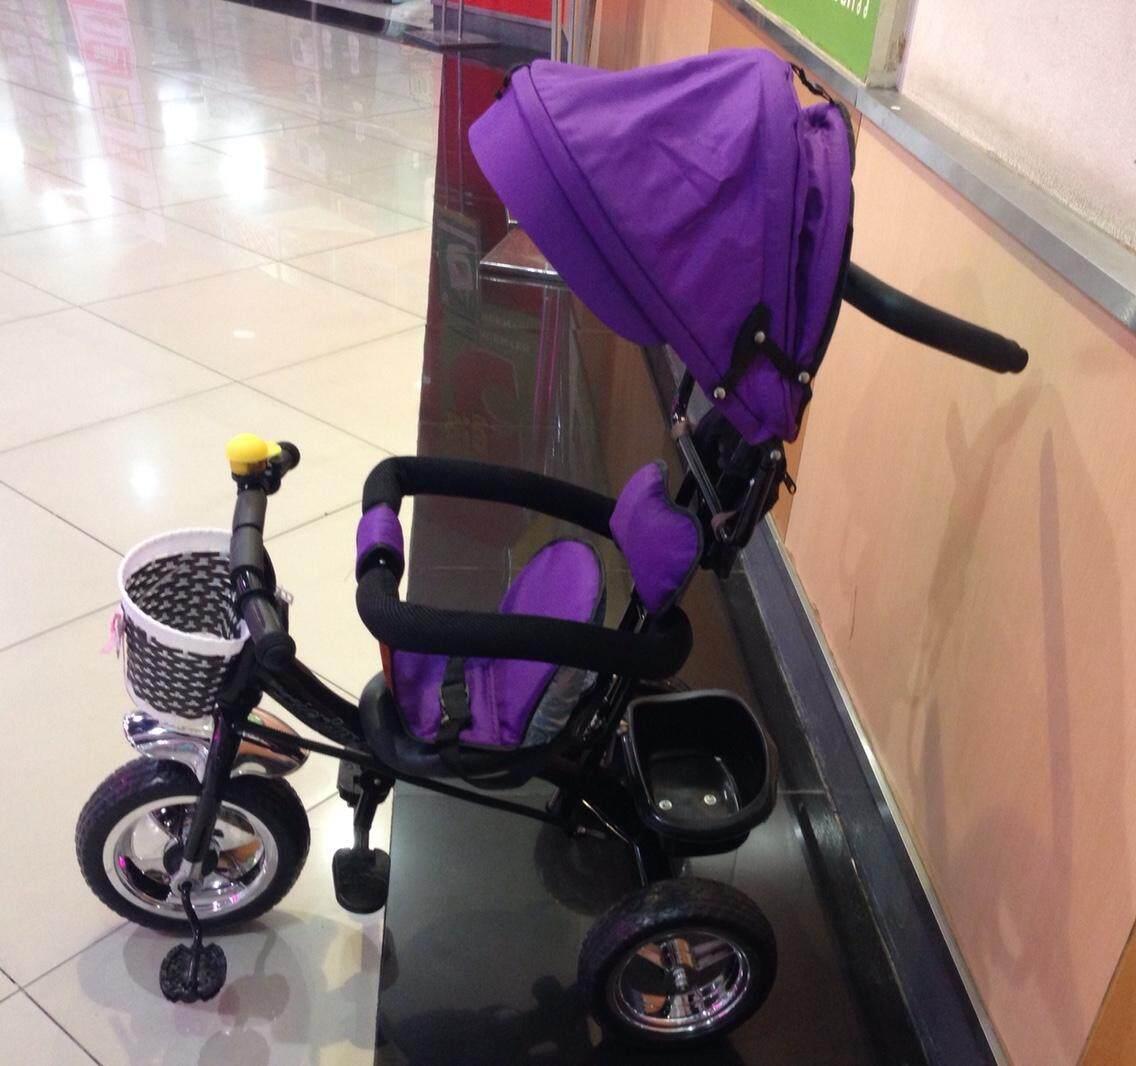 Sale ส่งท้ายปีท็อป 1 ดีที่สุด BaoBaoHao รถเข็นเด็กแบบนอน Papachoice รถเข็นเด็ก ปรับนอนราบ / และไกวได้ 2 ทาง รีวิวดีที่สุด อันดับ1